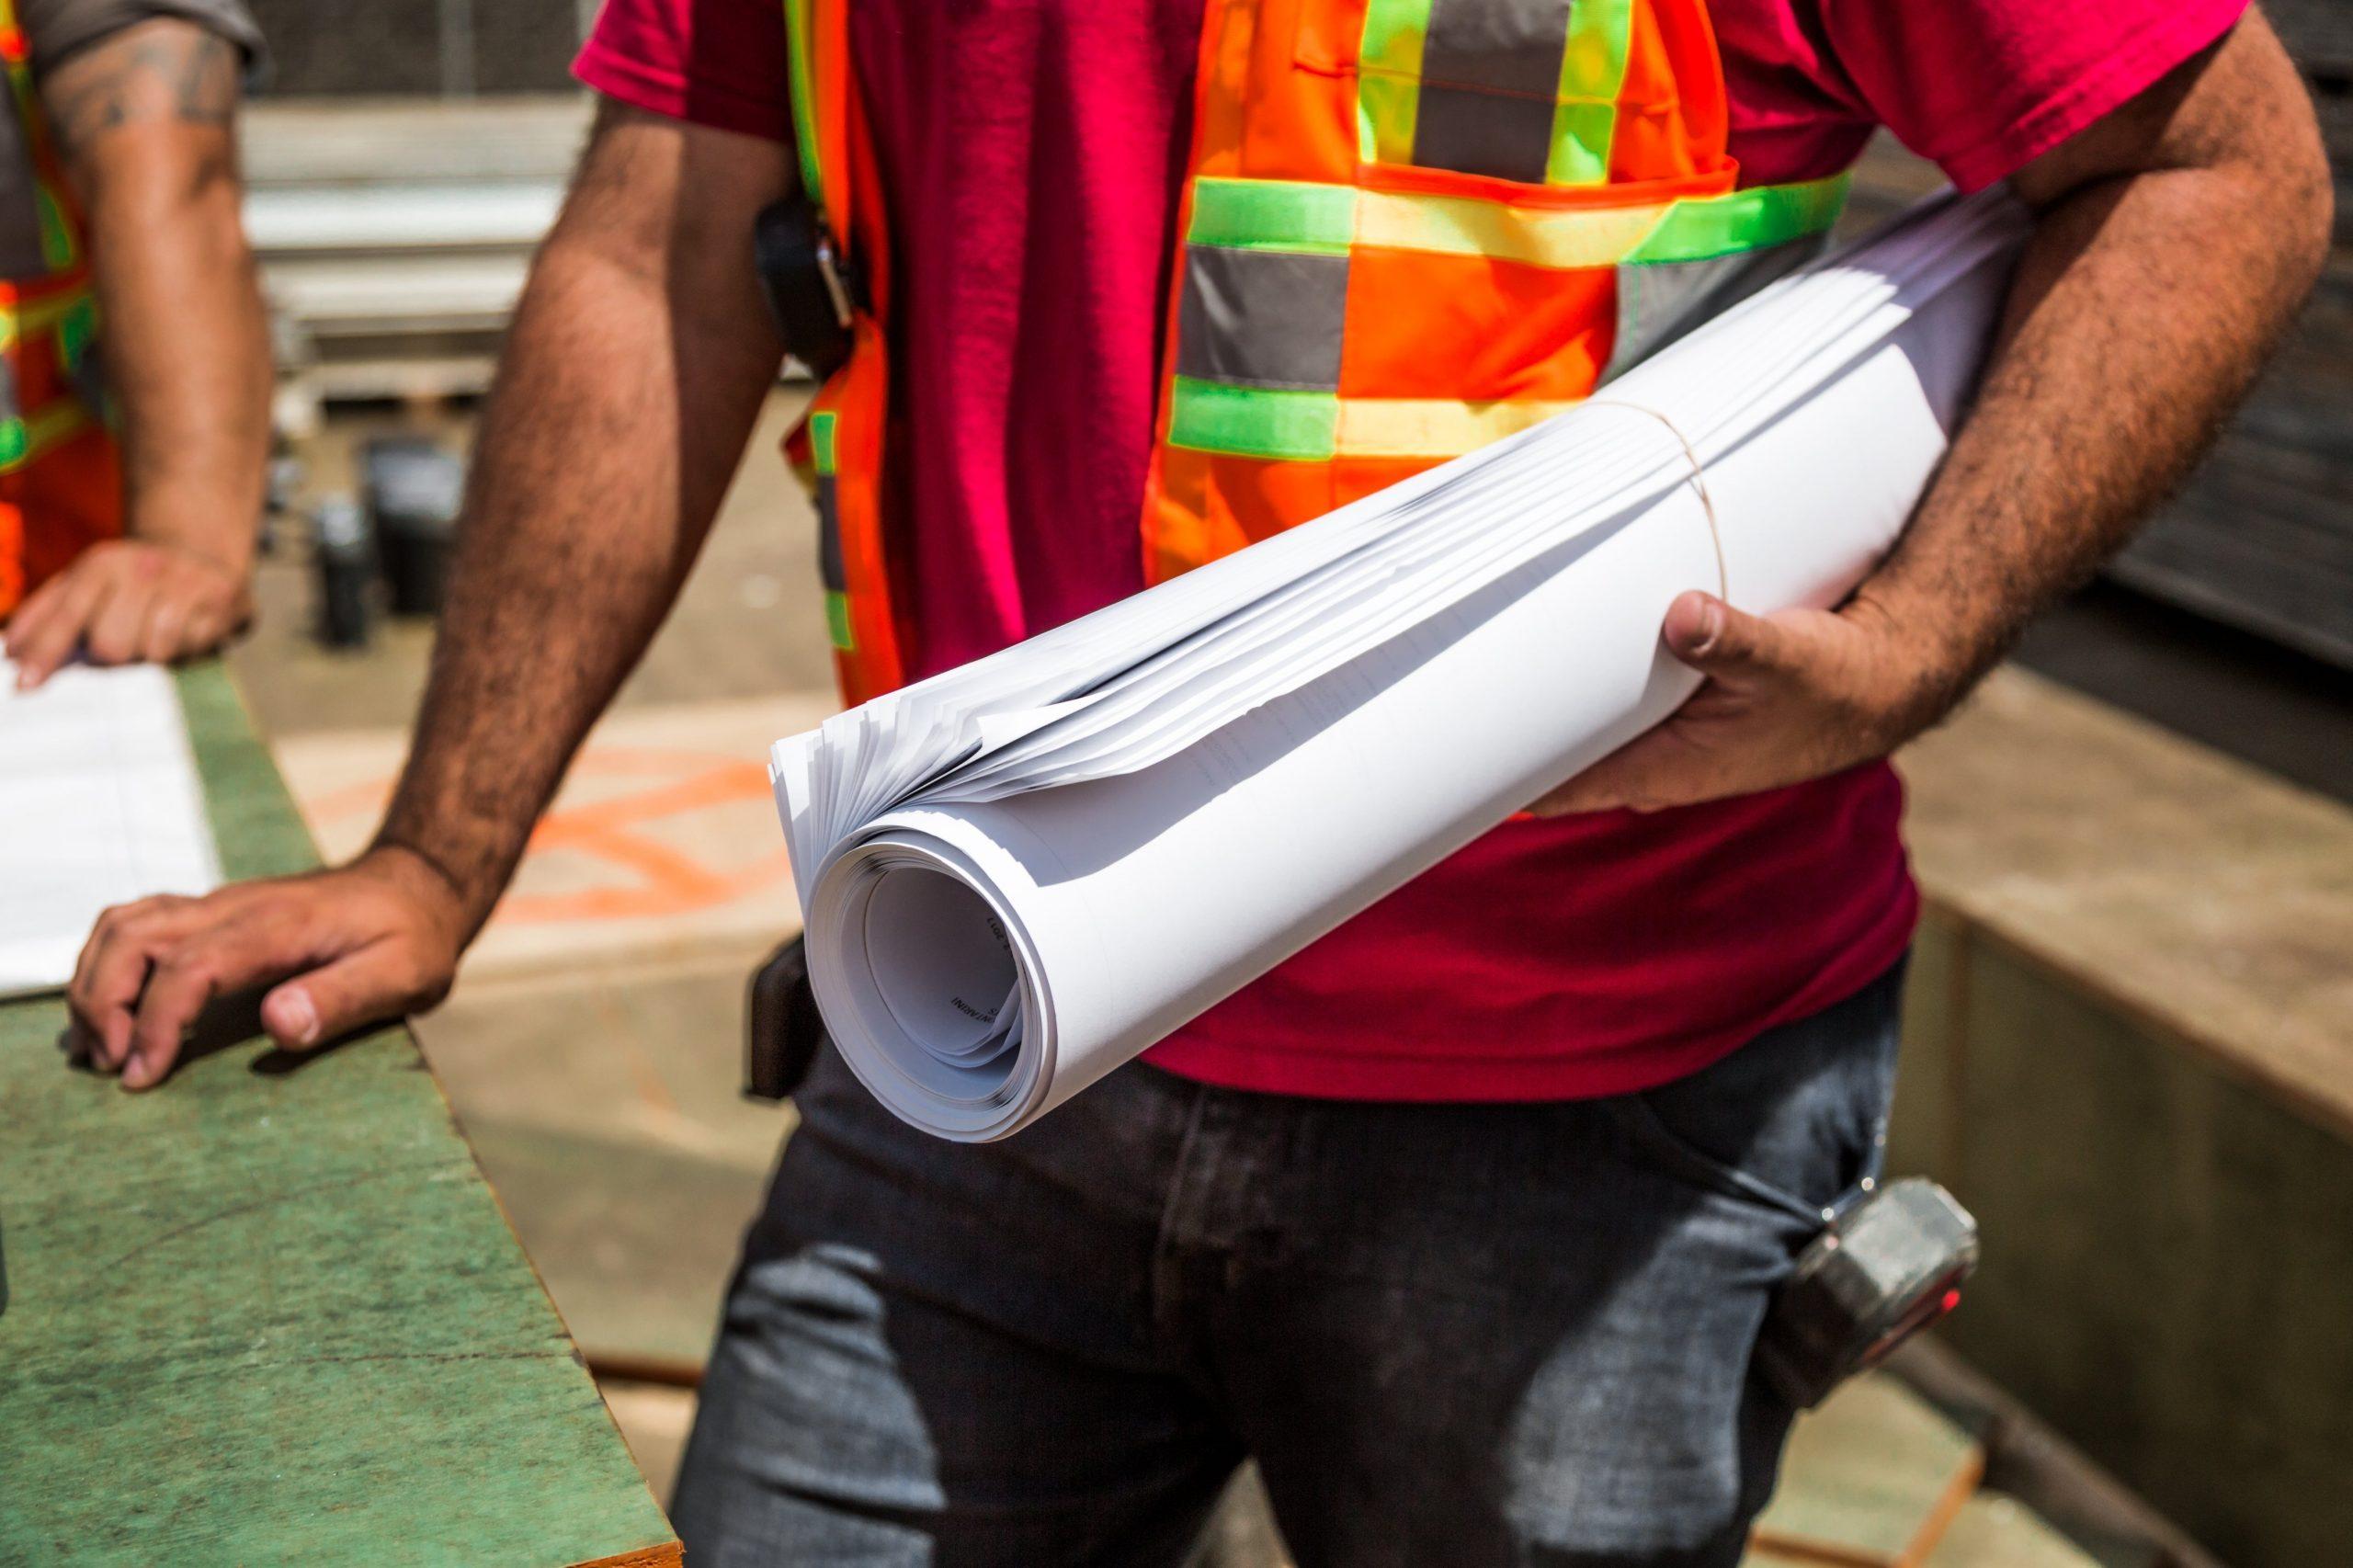 Crise Covid : des aides pour les professionnels du BTP à La Réunion ?